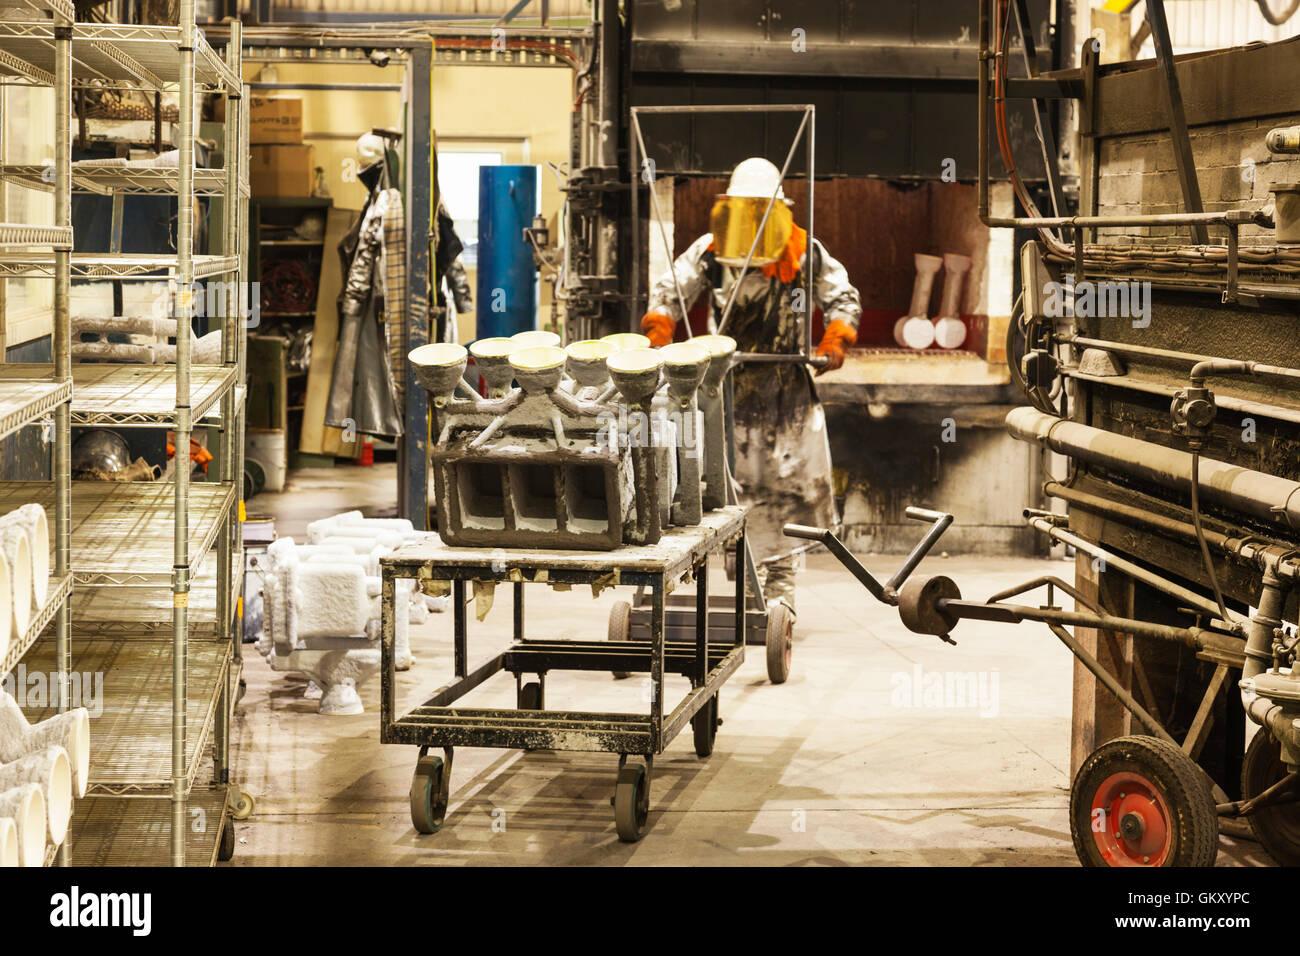 La seguridad de los trabajadores en corte, amolado de desgaste de piezas metálicas para el procesamiento ulterior Imagen De Stock